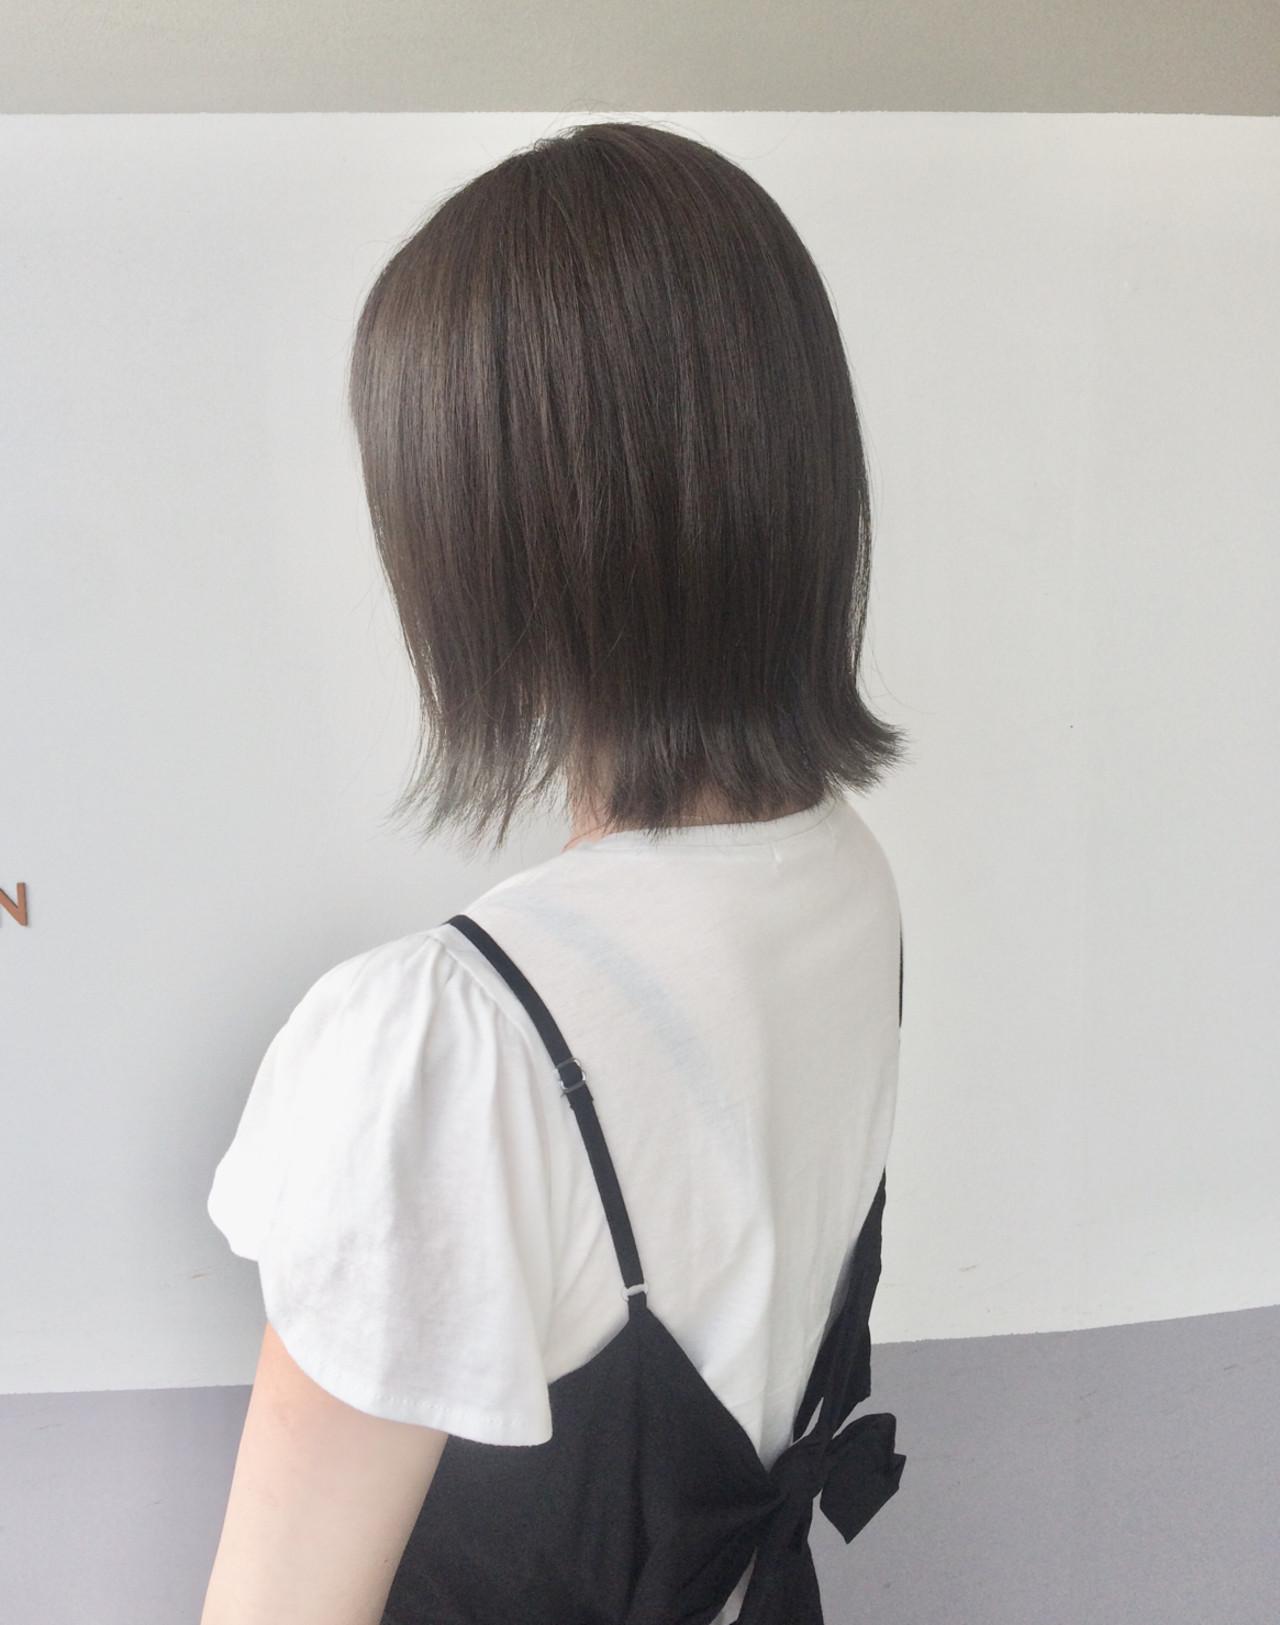 オフィス デート ボブ ナチュラル ヘアスタイルや髪型の写真・画像 | マスダ トシエ / lafit